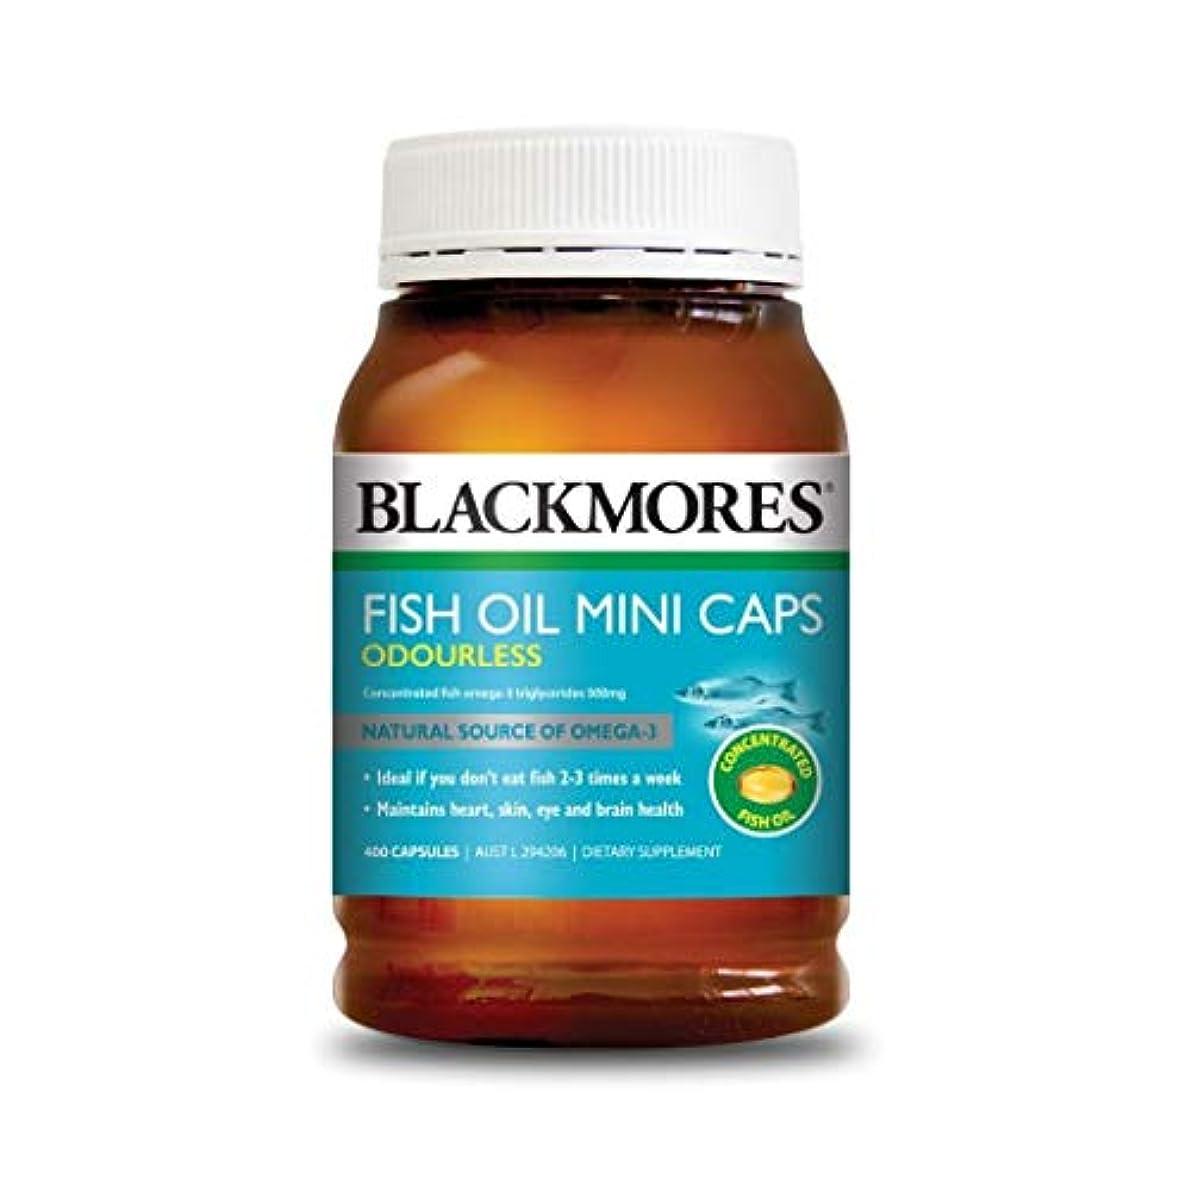 プラグカップル無視する[BLACKMORES] フィッシュオイル ミニカプセル (FISH OIL MINI CAPS ODOURLESS) 400粒 [海外直送品]